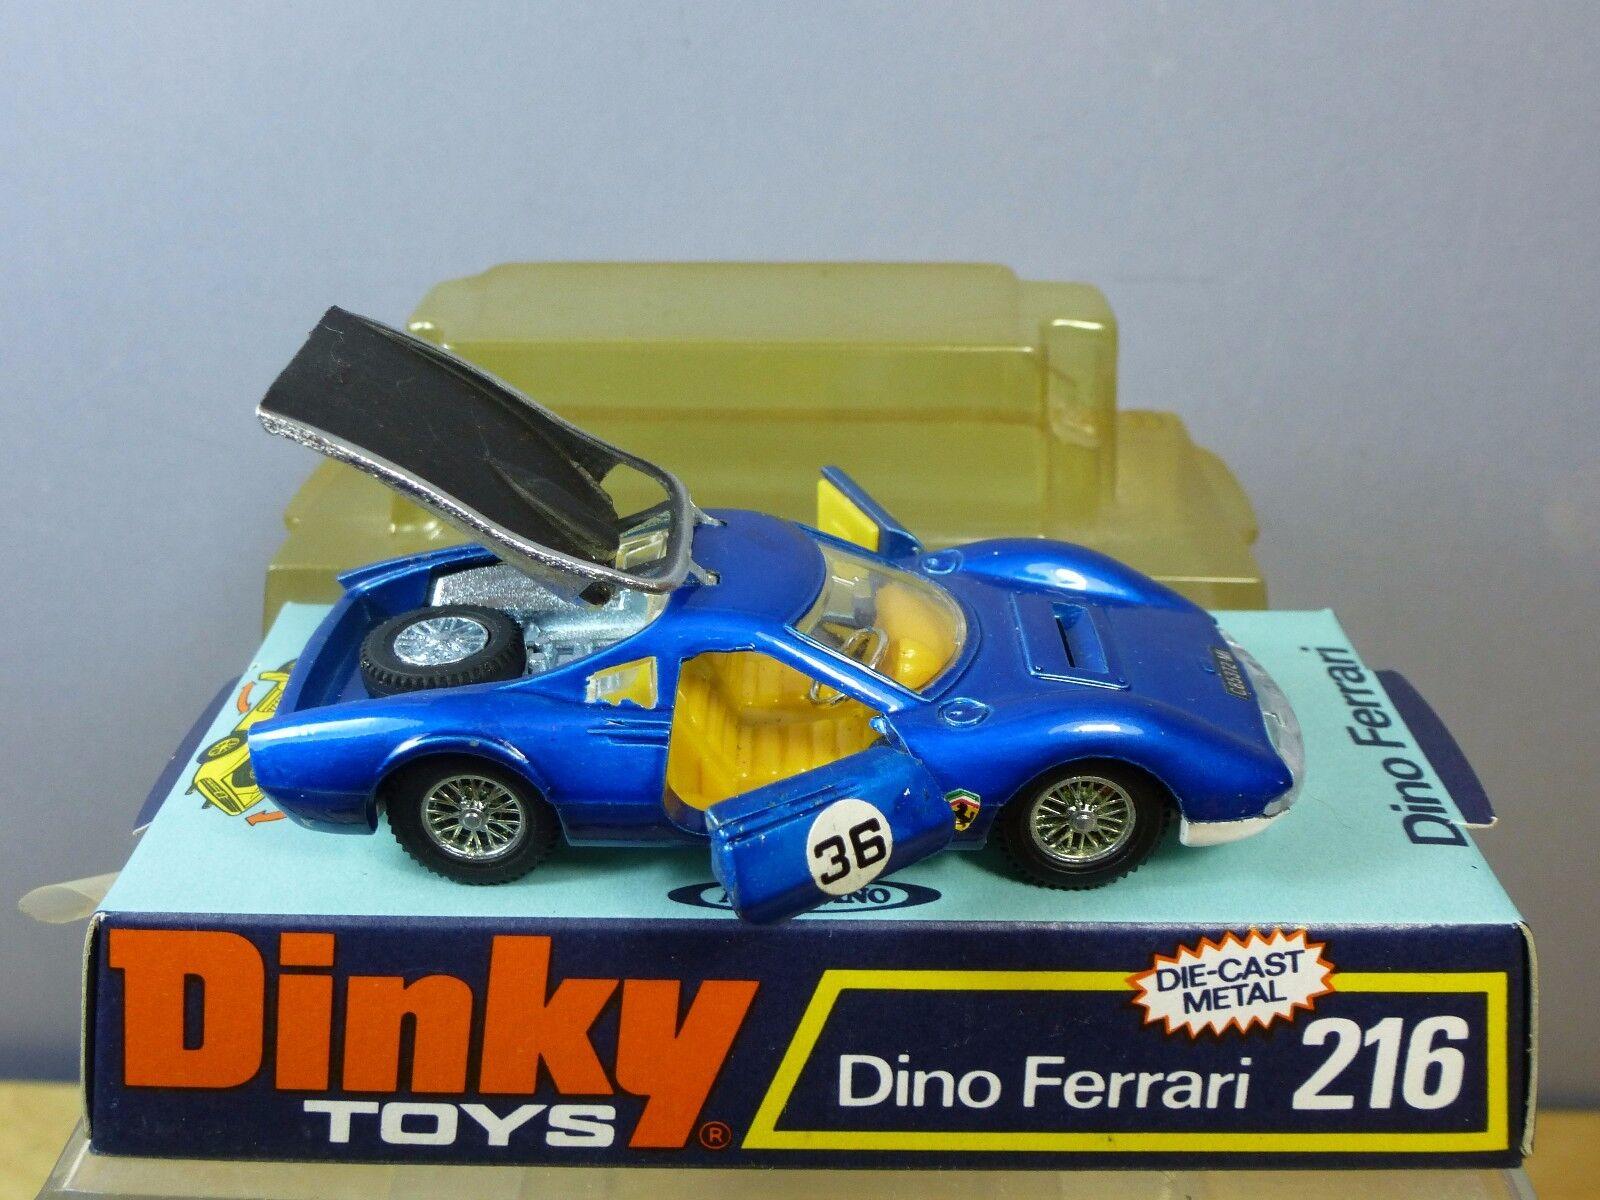 DINKY TOYS MODEL No.216 Dino Ferrari  blu metallico versione   basso BOX  Nuovo di zecca con scatola